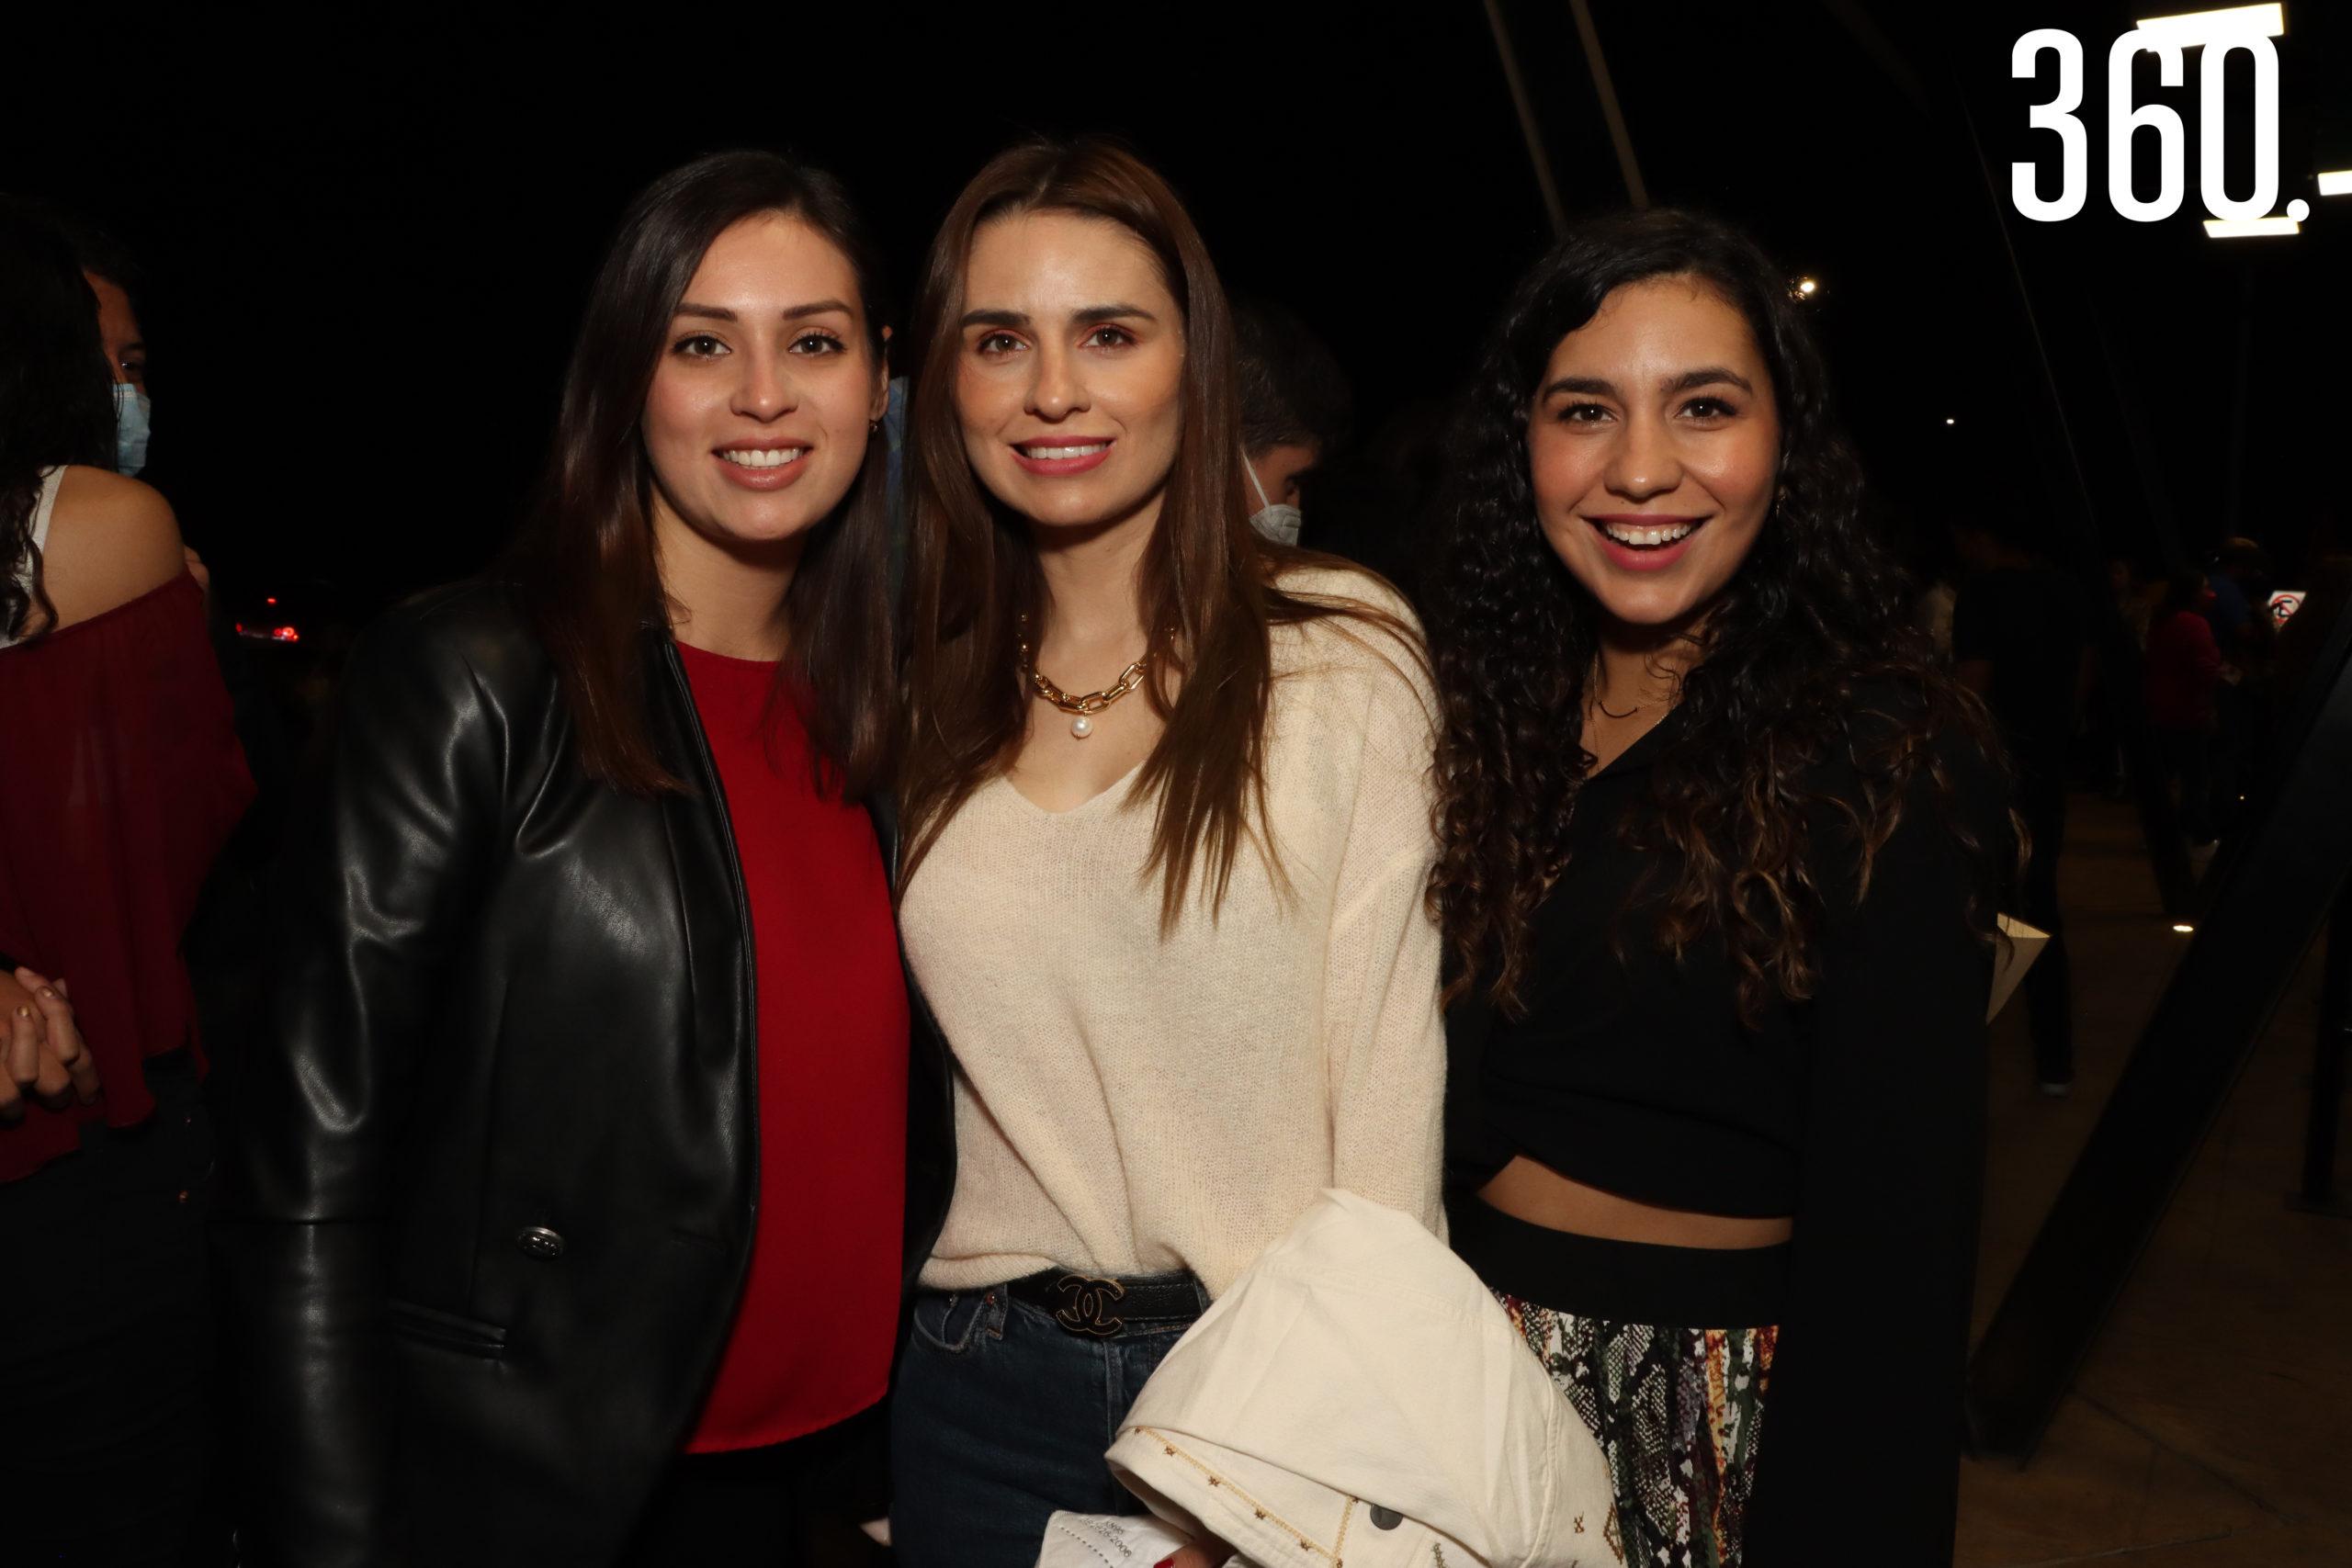 Marisa Álvarez, Ana Sofía y María Fernanda Arechiga.